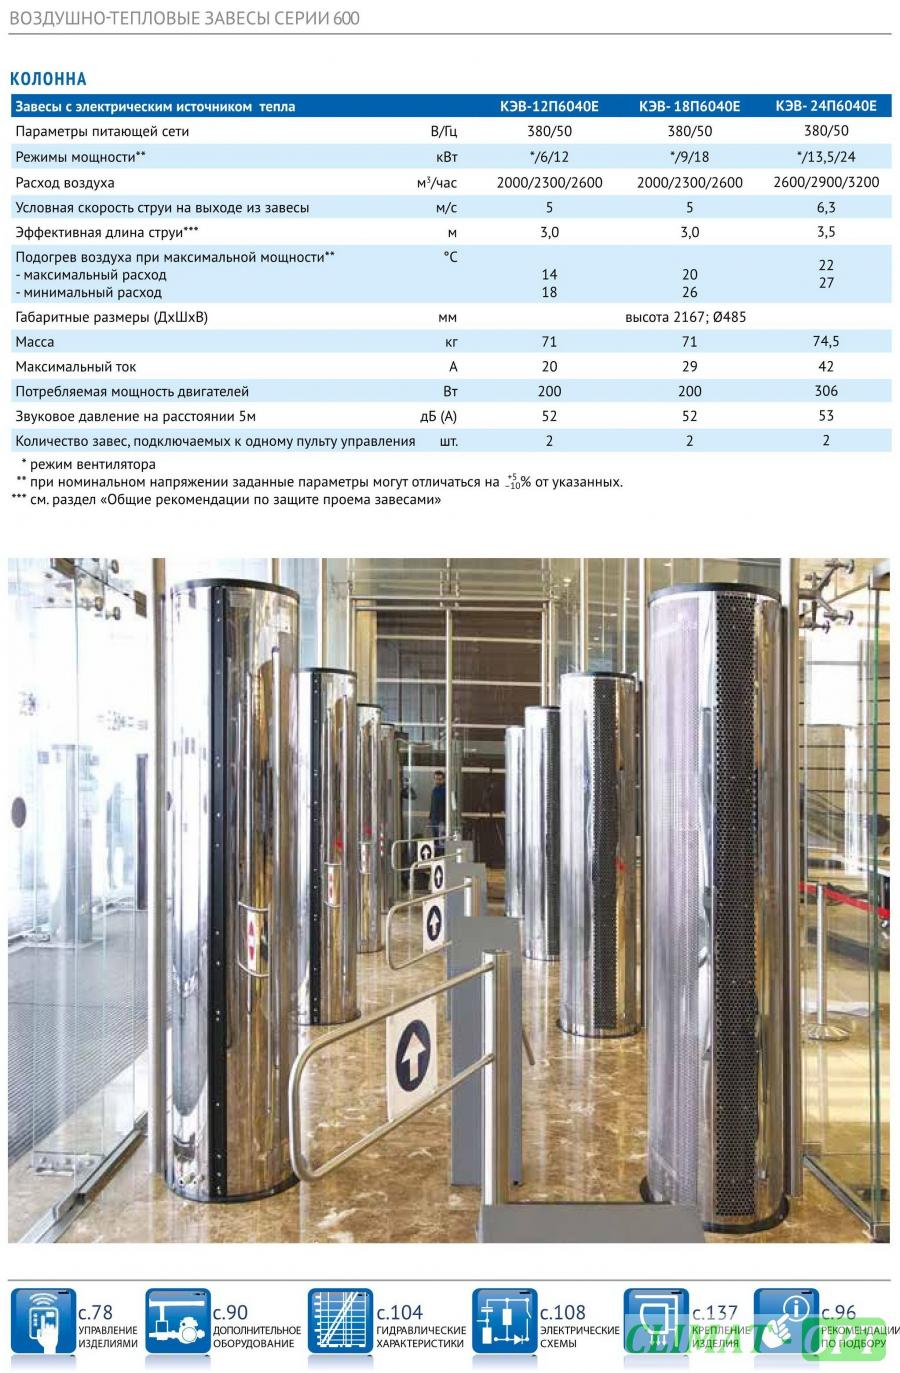 тепловая завеса серии 600 корпус из стали высота колонны 2,1м-0,43м